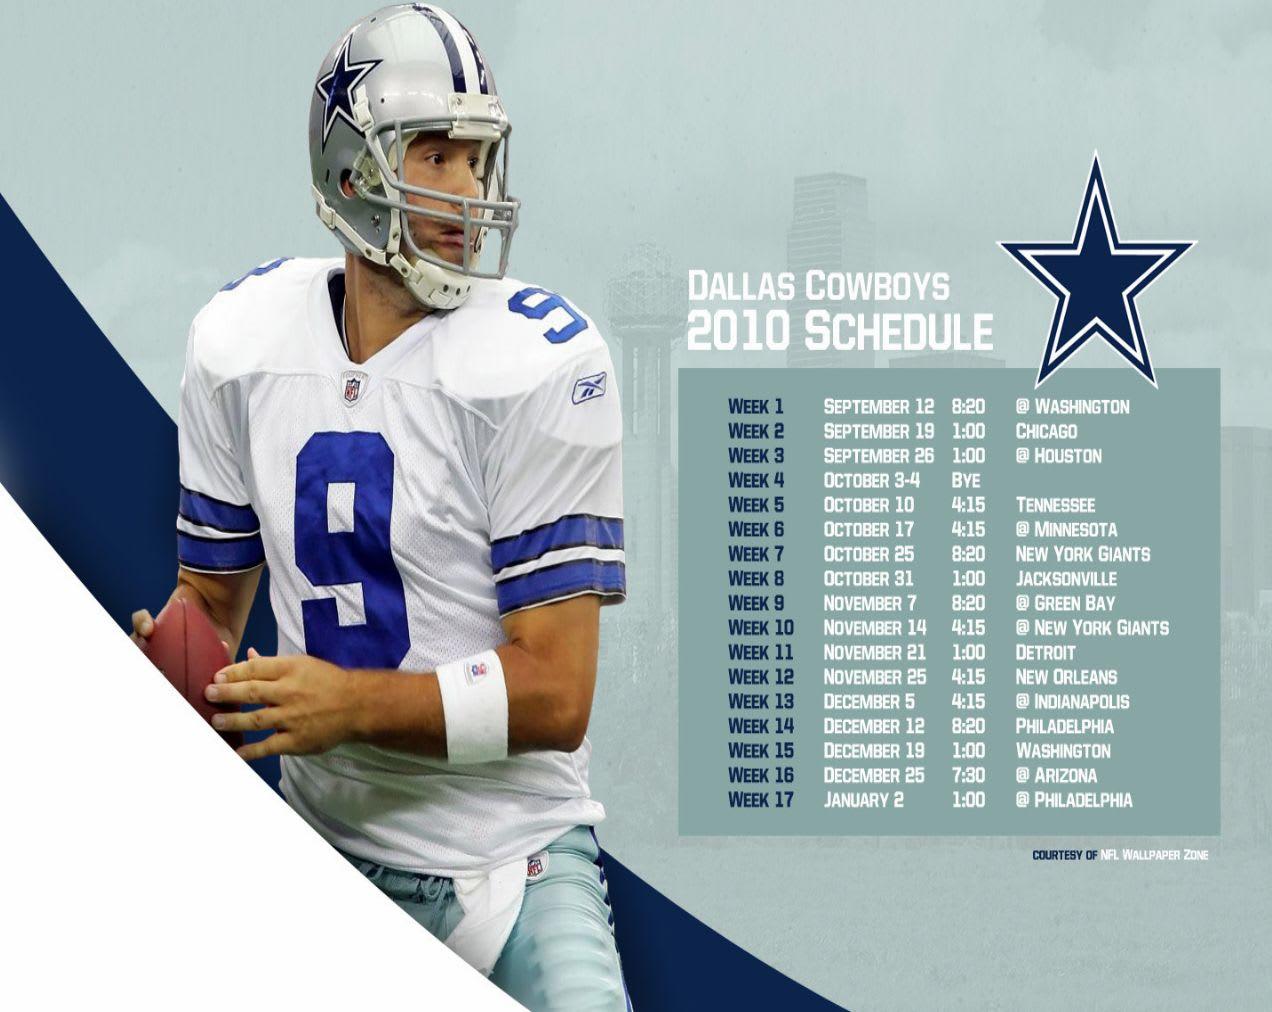 2010 Dallas Cowboys Schedule Wallpaper